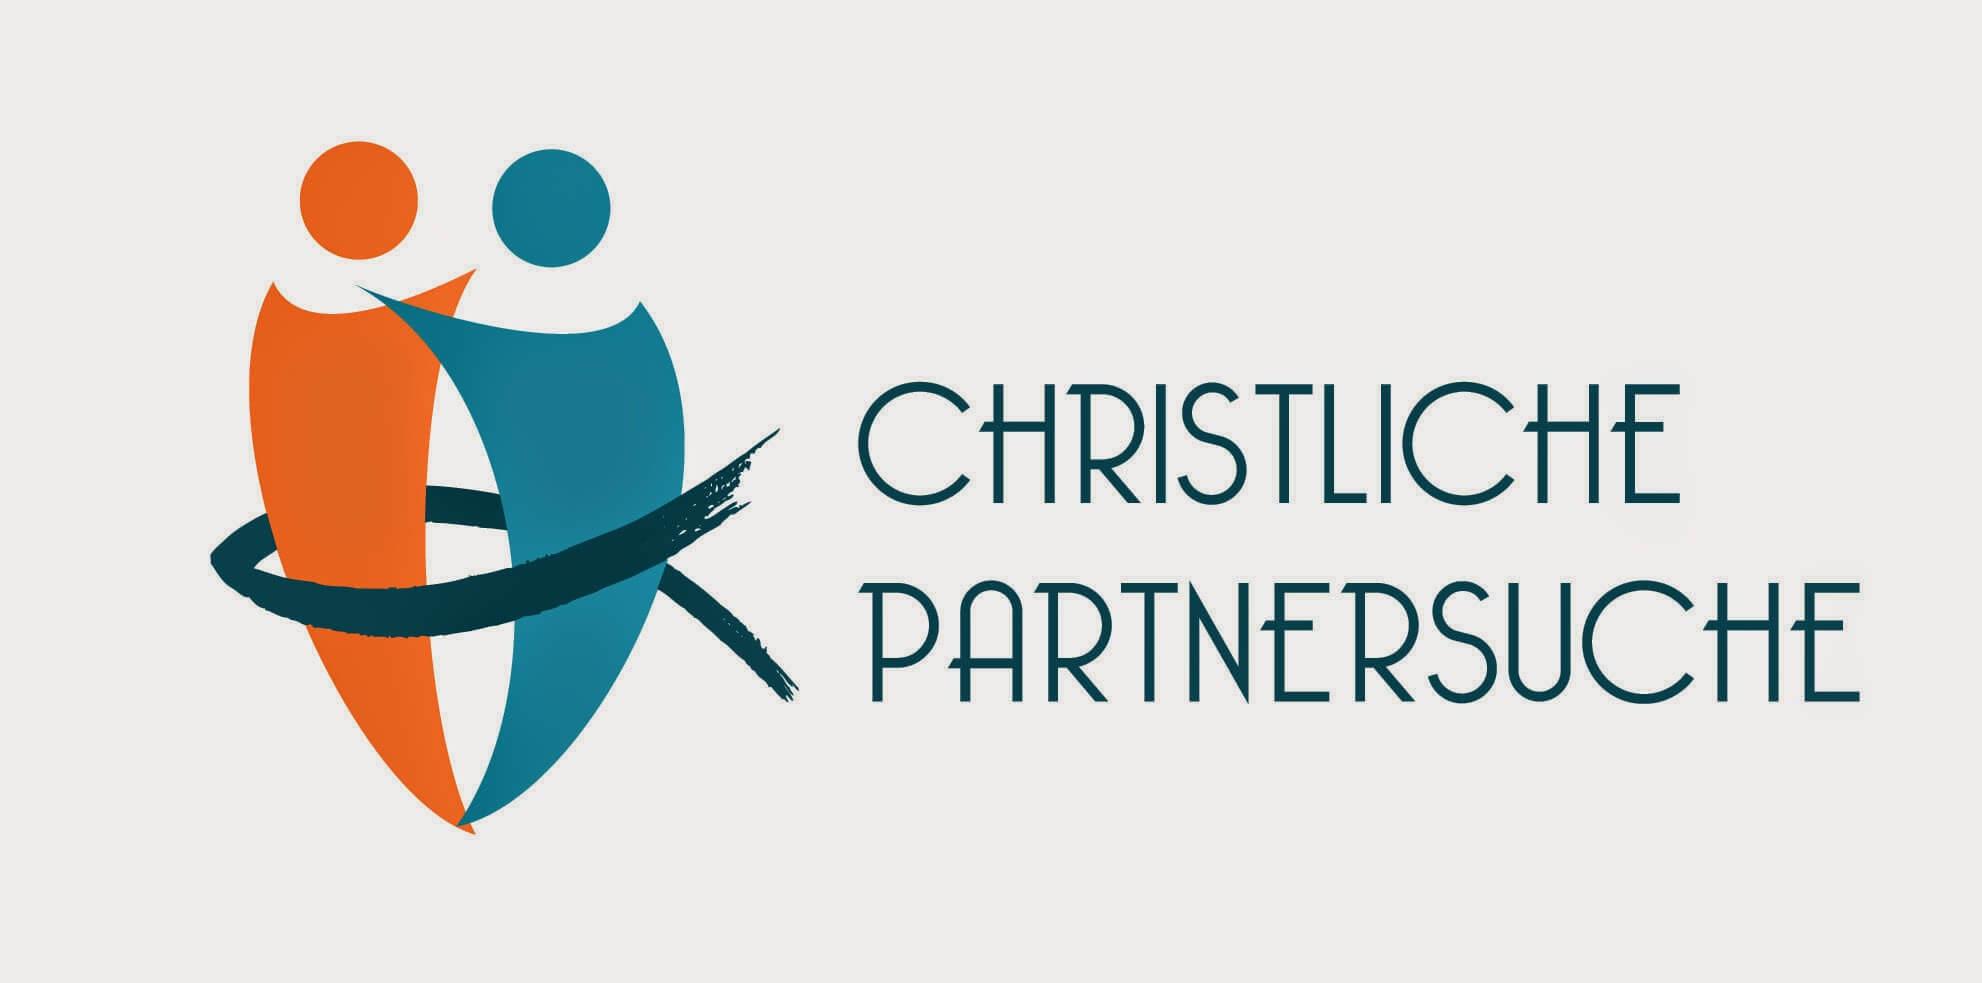 partnersuche christlicher basis